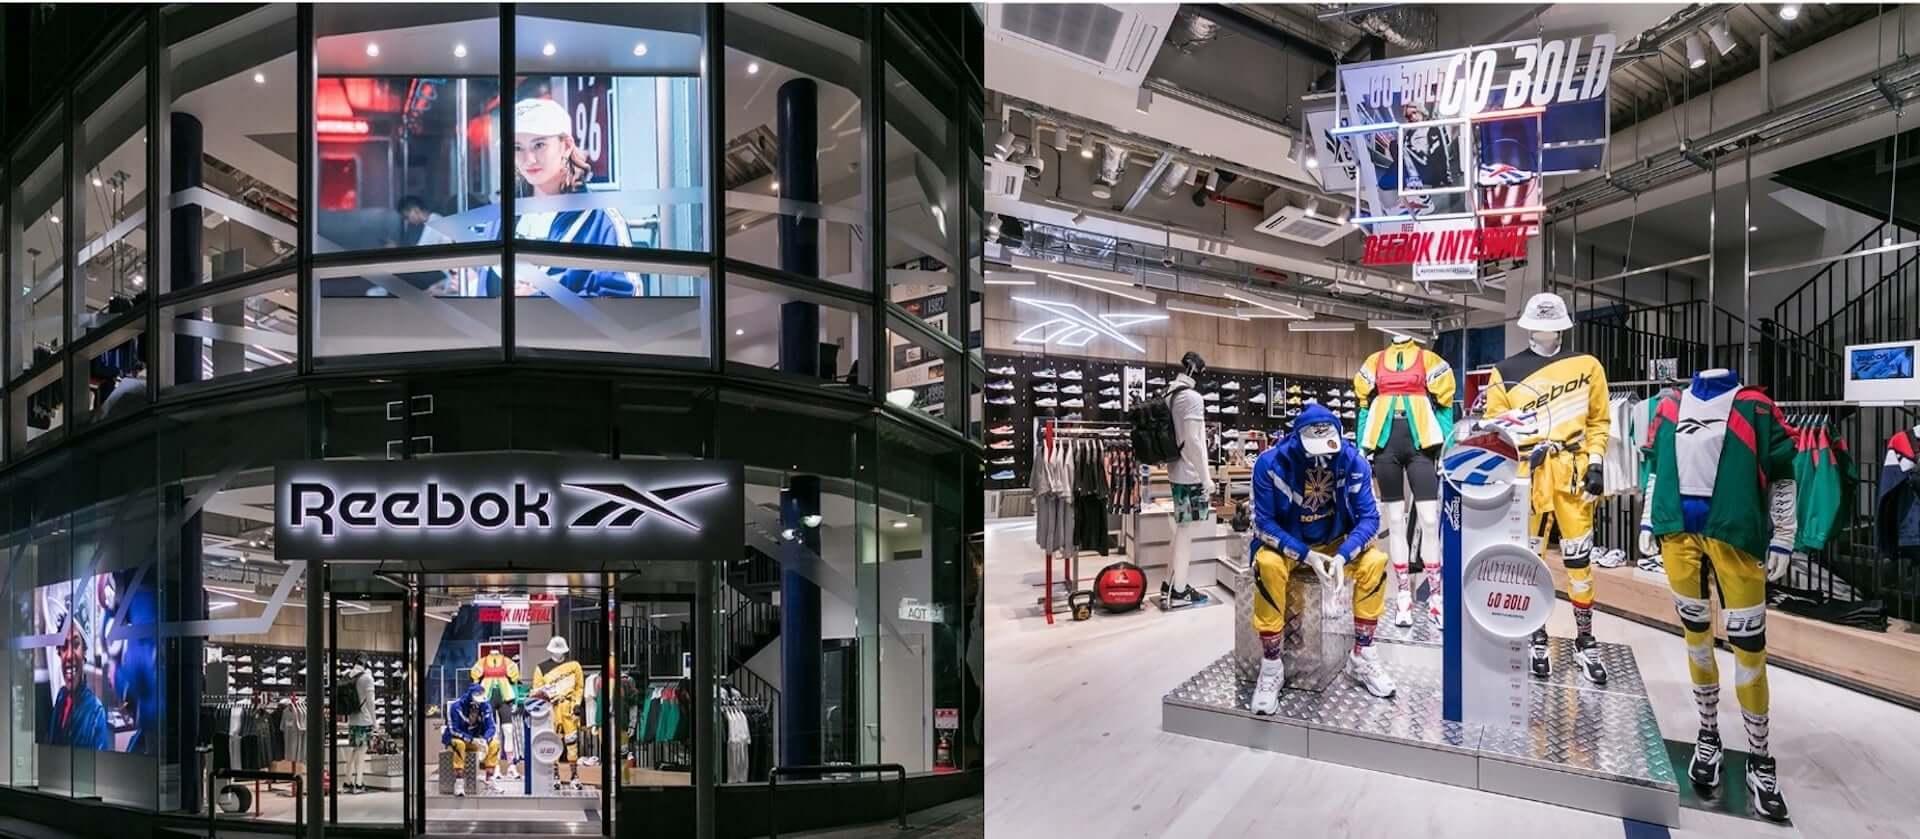 フィットネスとファッションを融合するReebok Store Shibuyaがオープン スタイリングプロジェクト実施、限定アイテムも life190913_reebok_8-1920x839